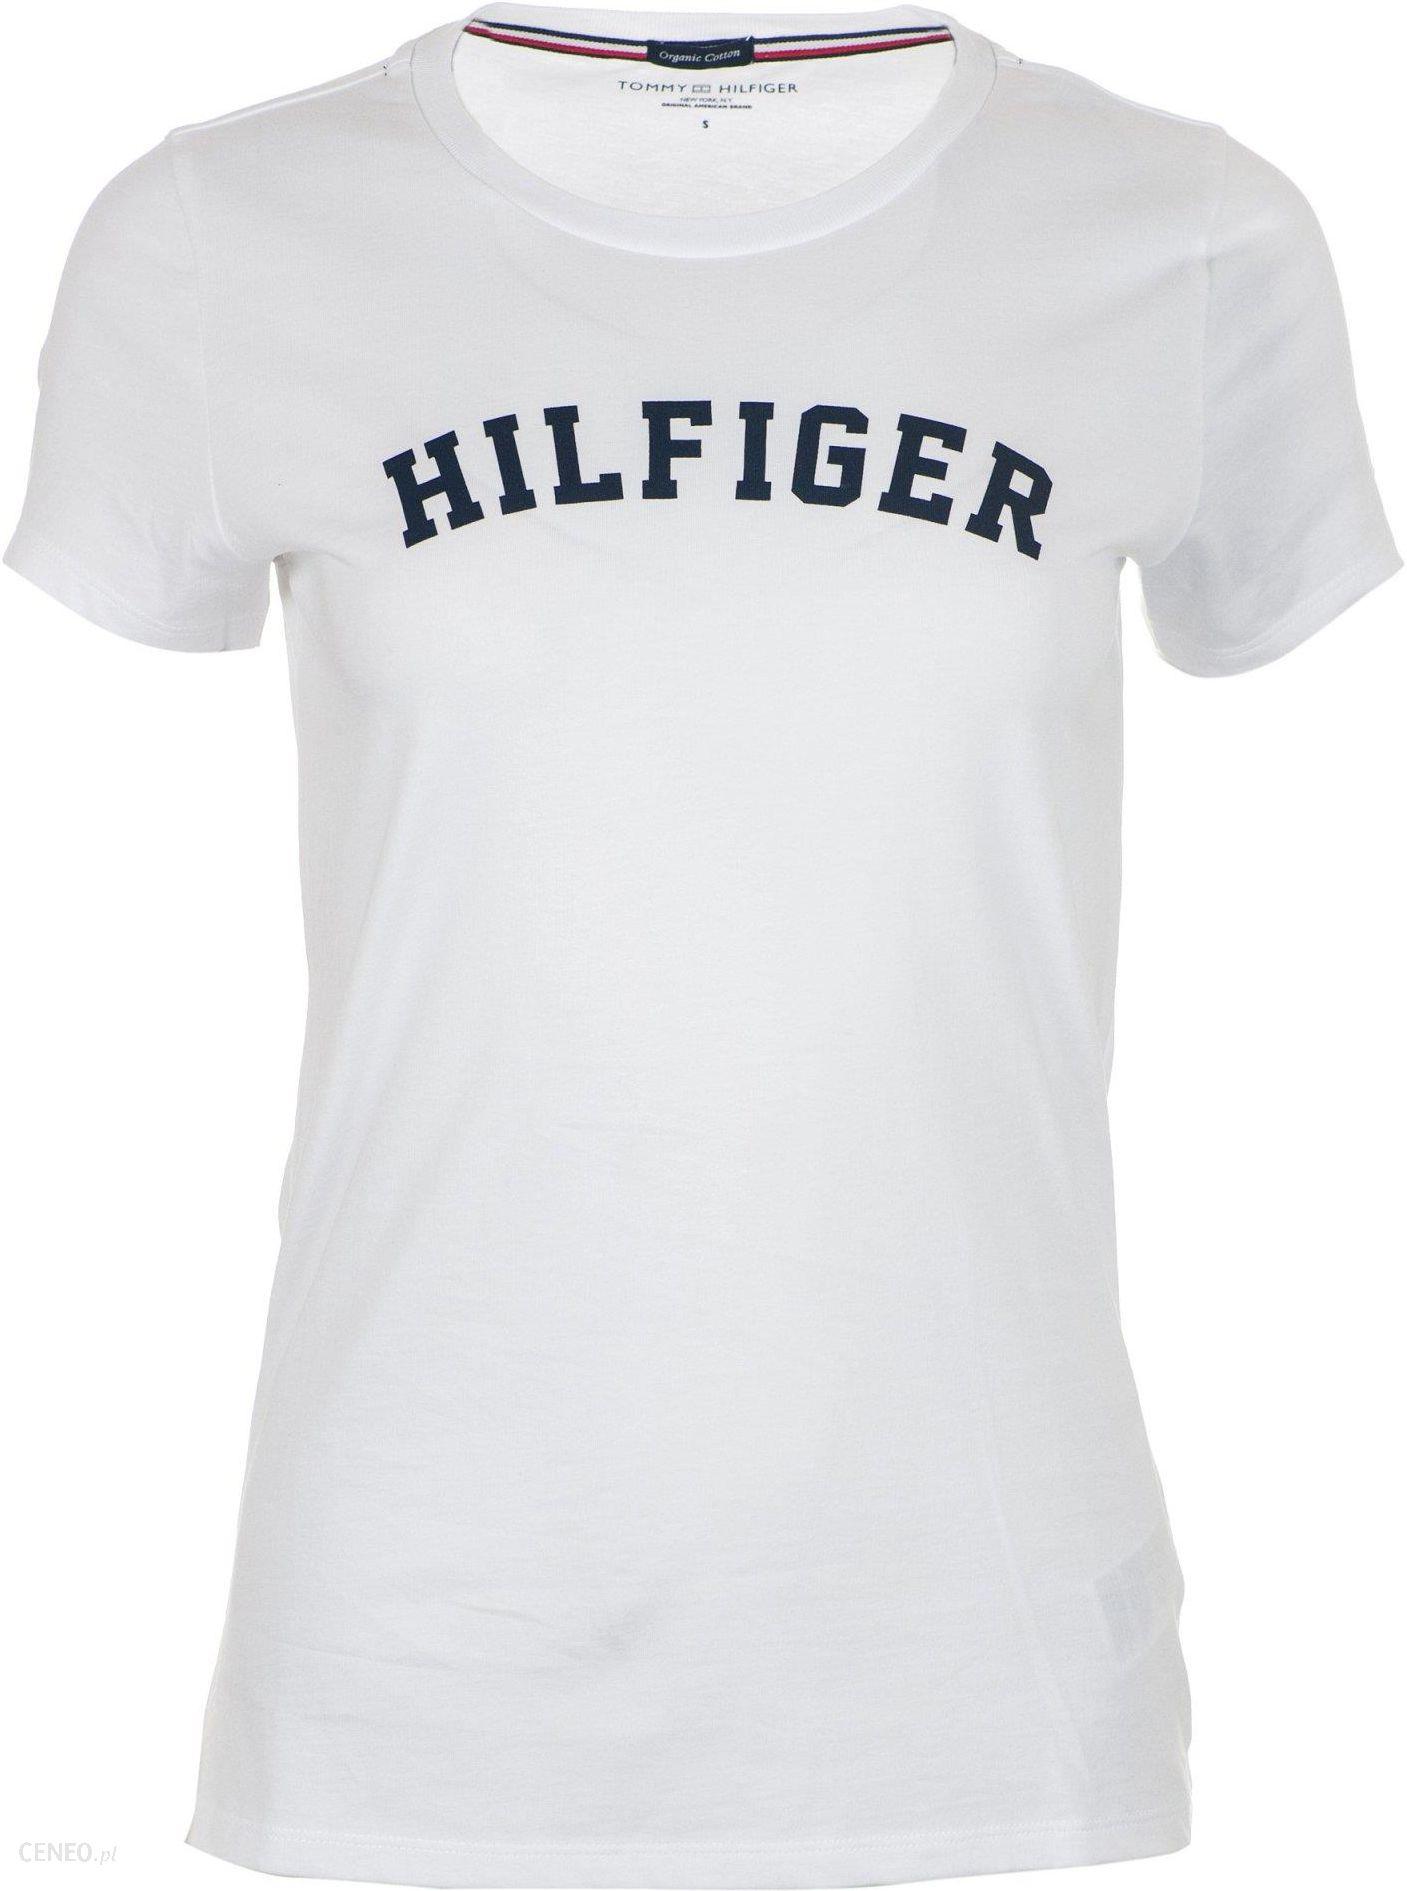 0c671fadf6573 Tommy Hilfiger T-shirt damski L biały - Ceny i opinie - Ceneo.pl